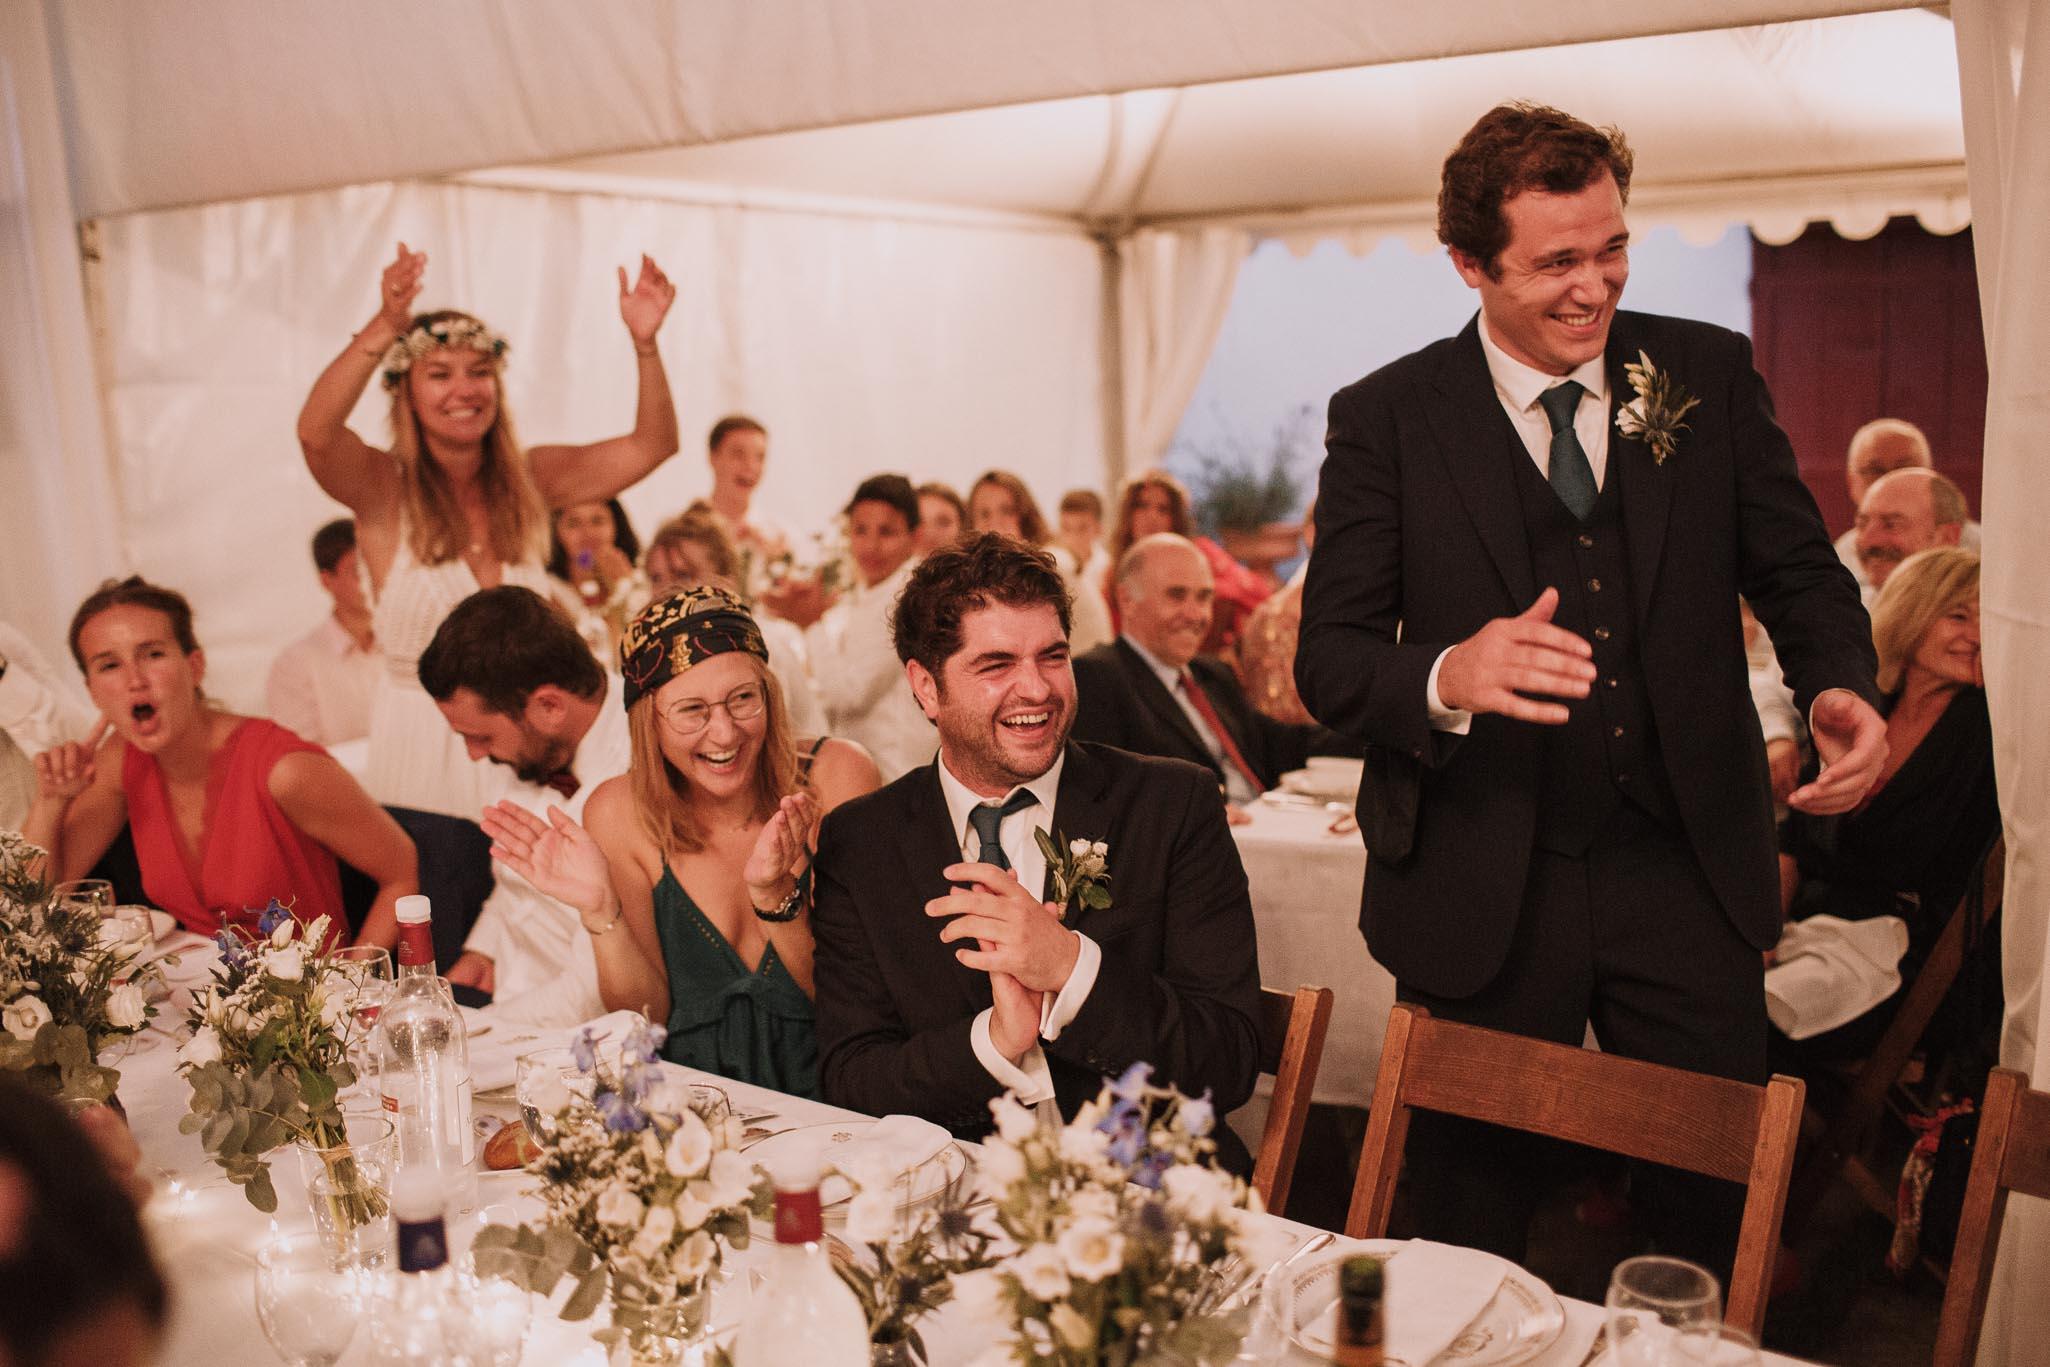 Photographe-mariage-bordeaux-jeremy-boyer-pays-basque-ihartze-artea-sare-robe-eleonore-pauc-couple-amour-159.jpg